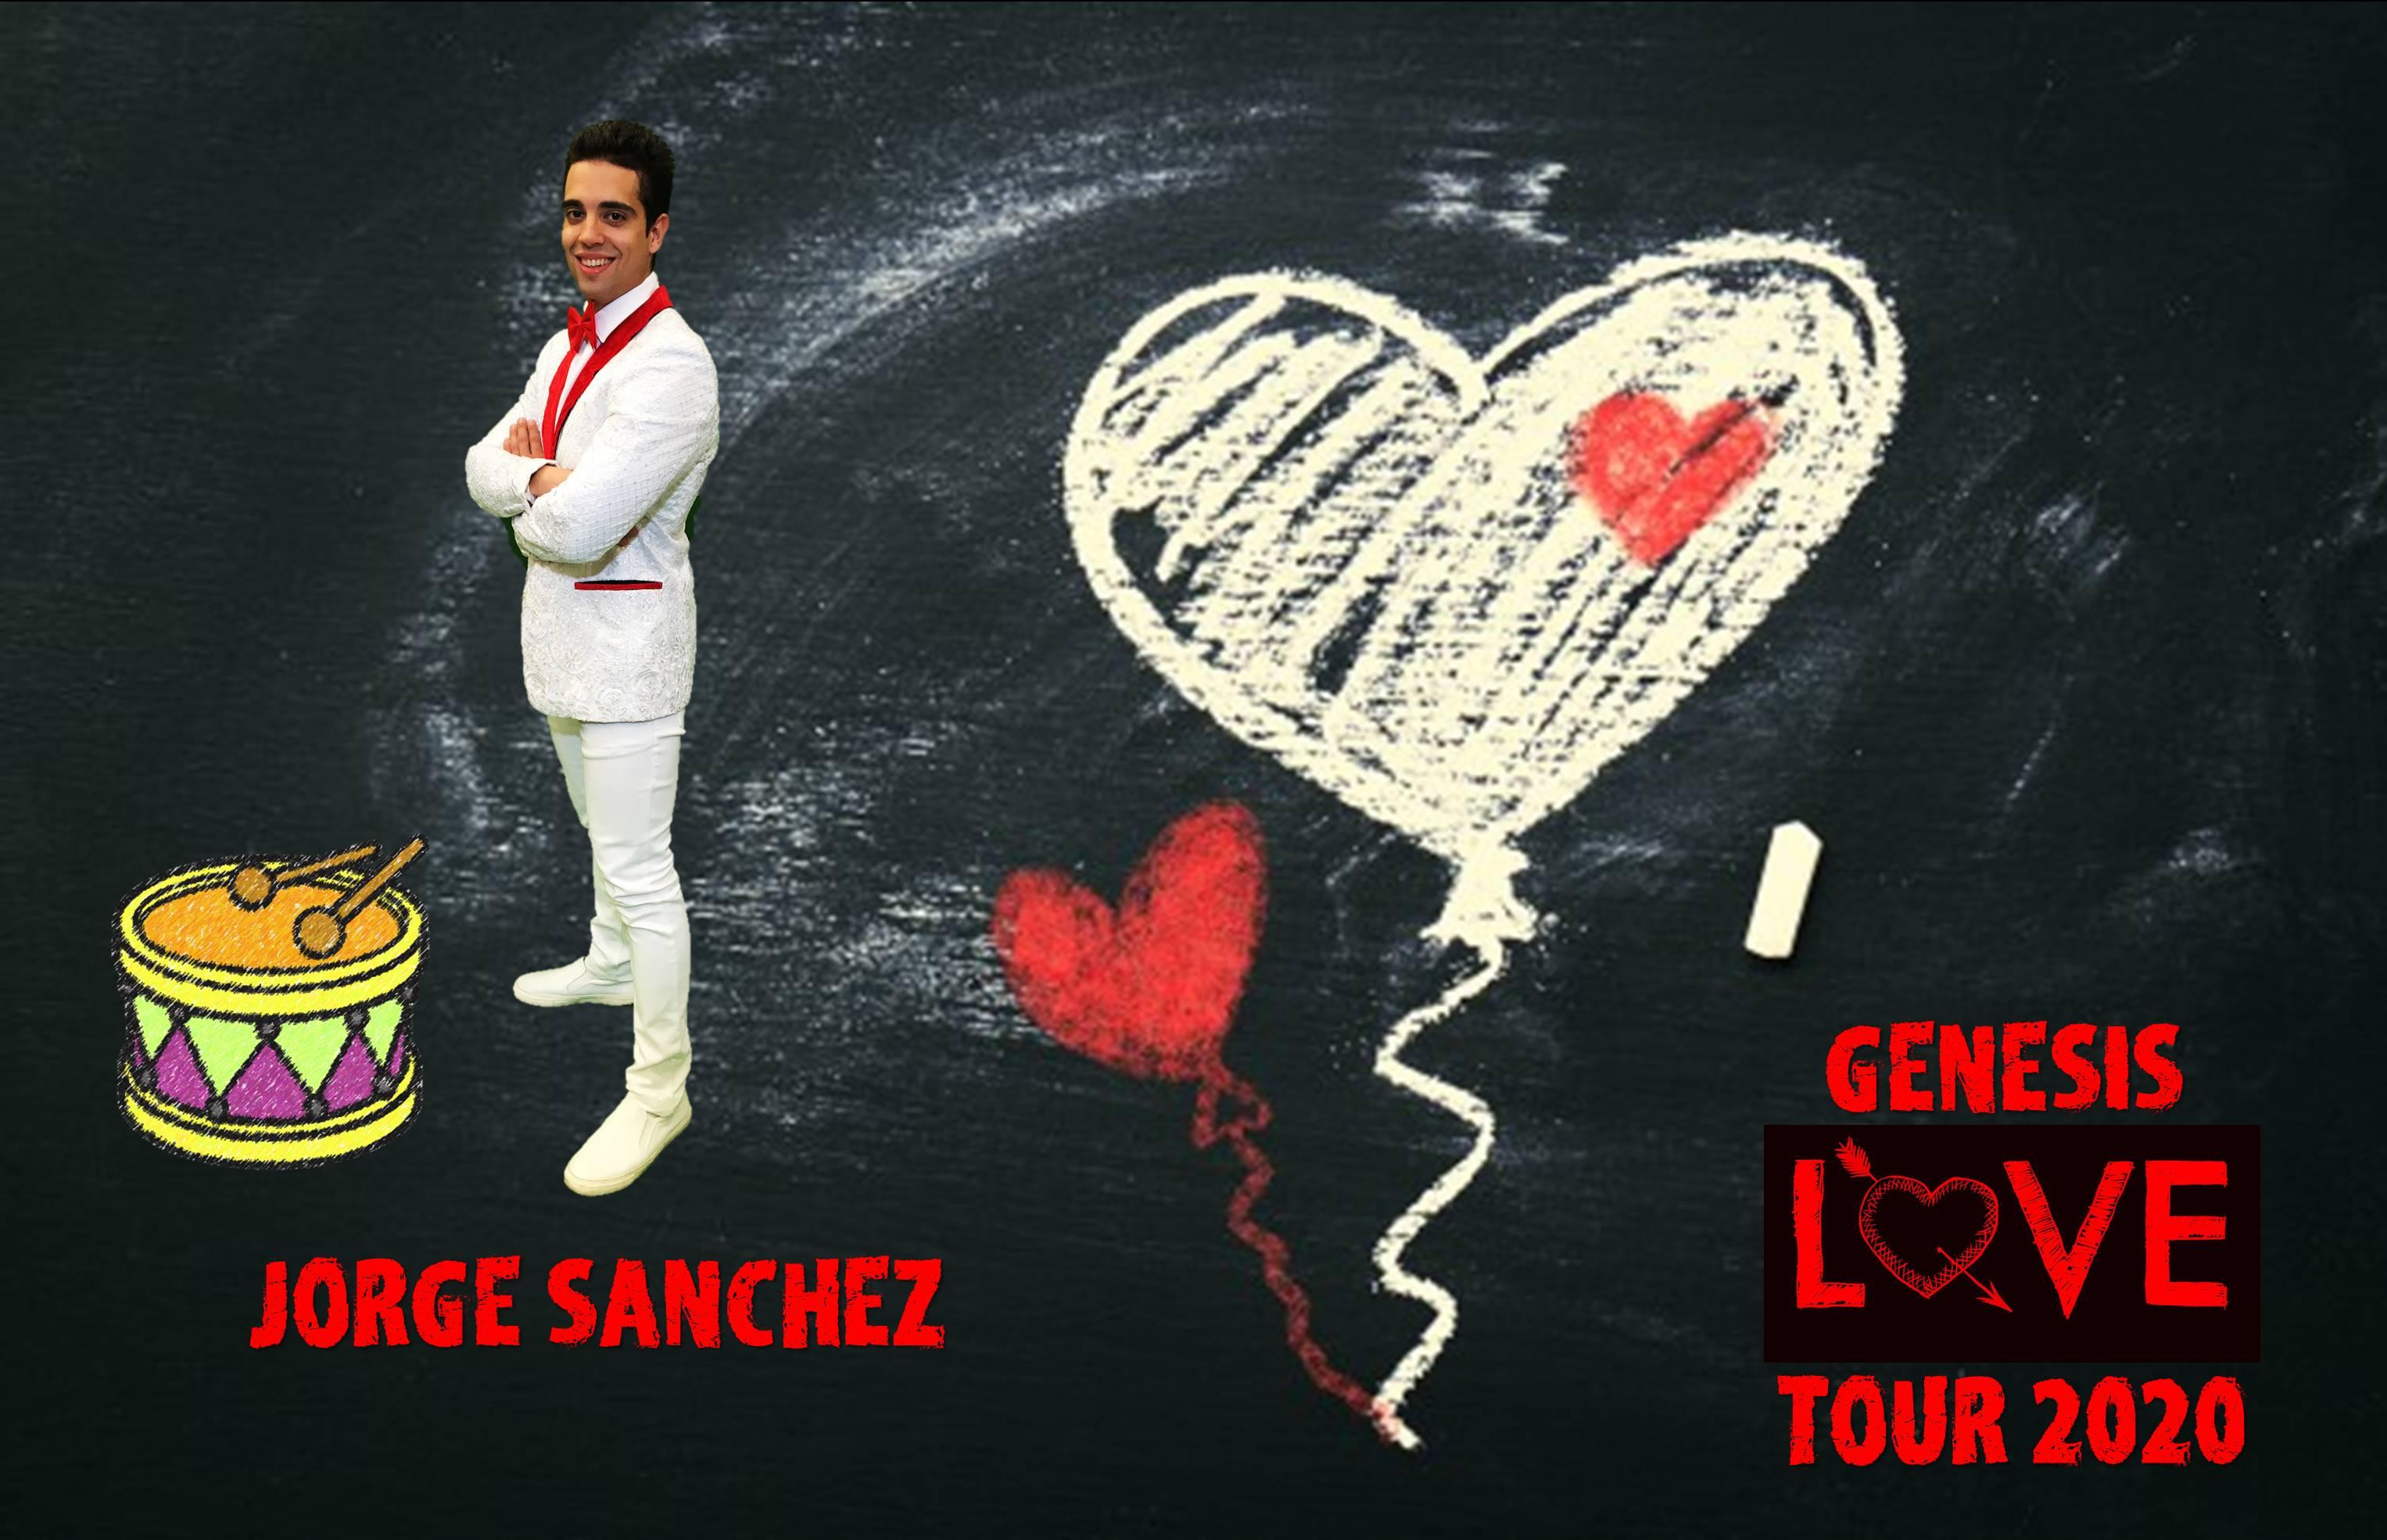 Jorge Sanchez